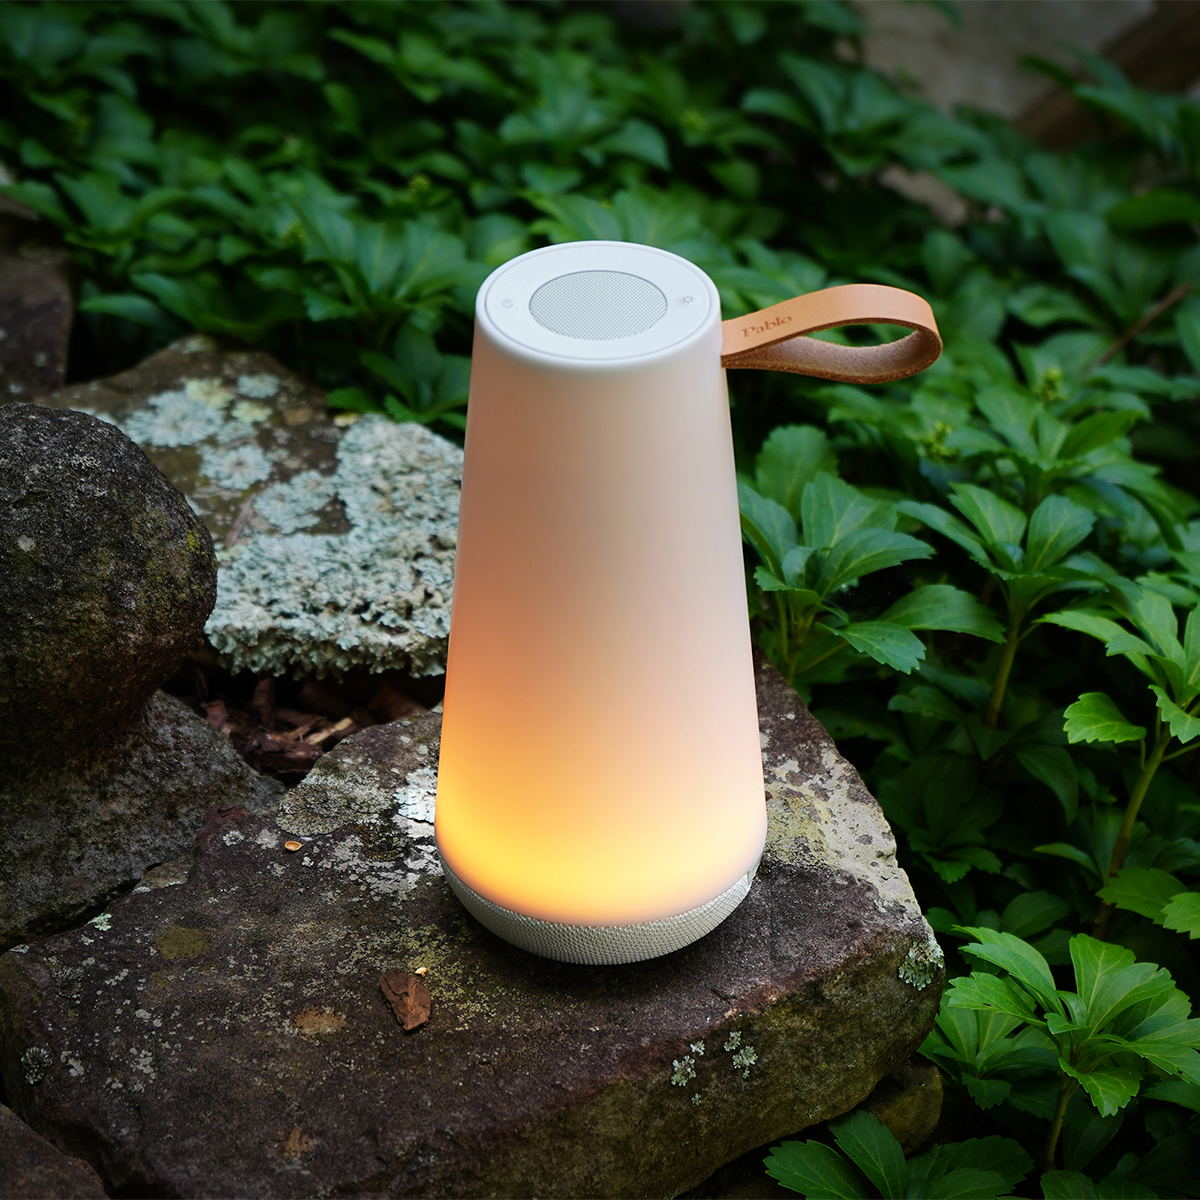 UMAの光は、自然と癒しを感じることのできるロウソクや暖炉のような優しい「あかり」。「音」と「光」の調和するワイヤレスHi-Fiスピーカー|Pablo UMA MINI